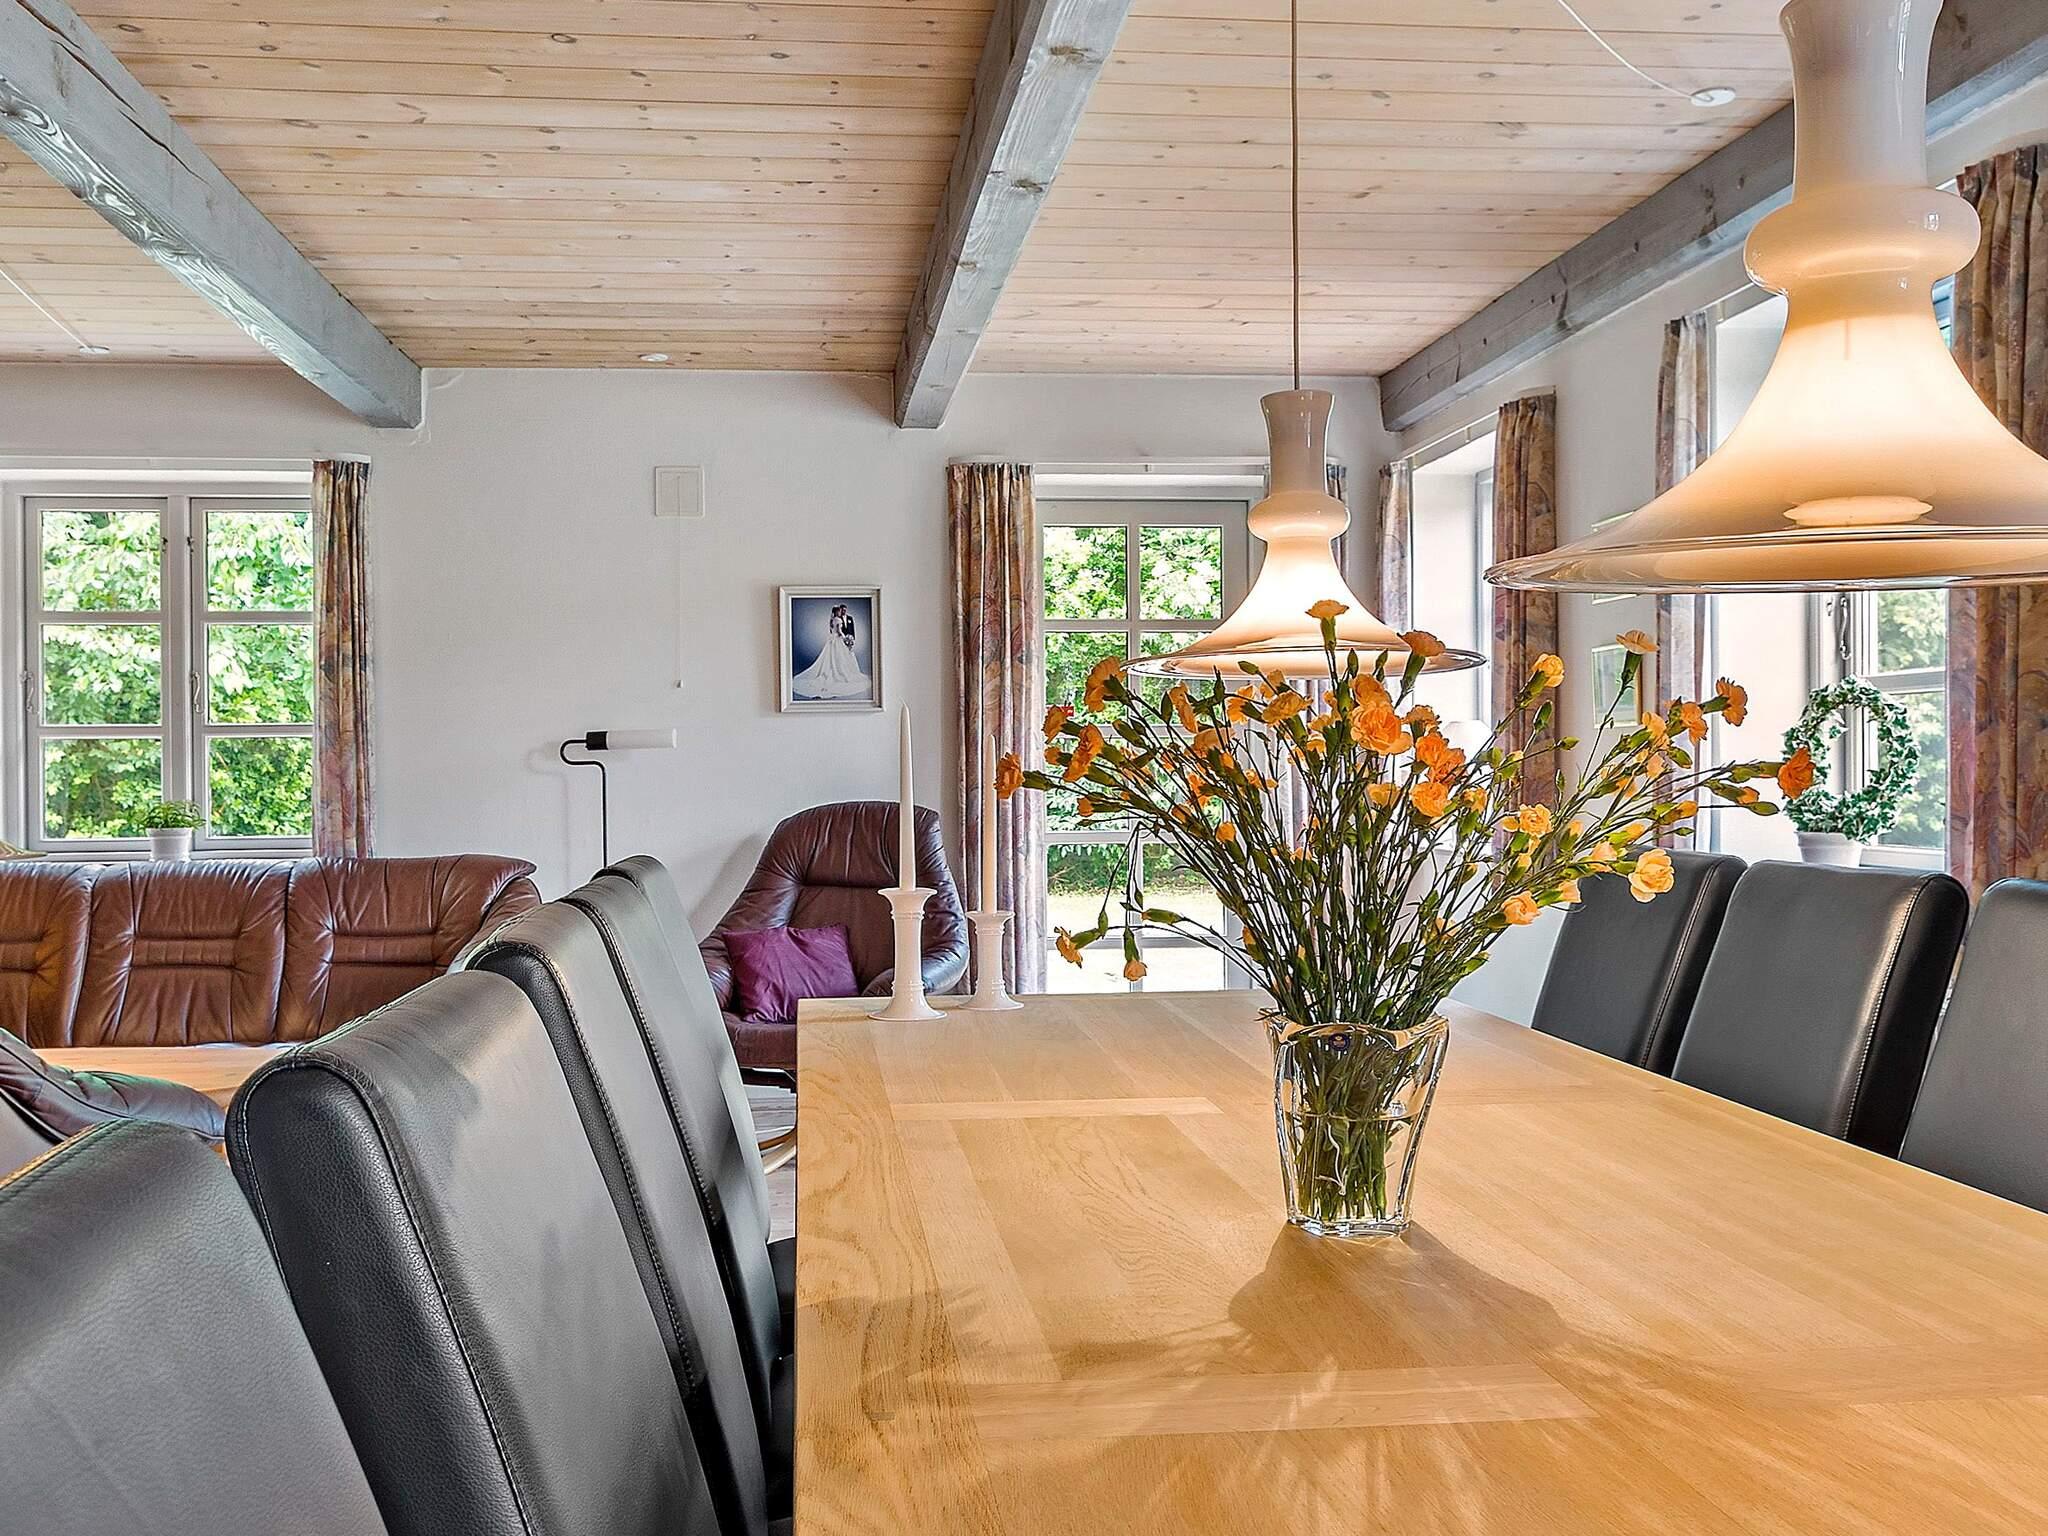 Ferienhaus Gram (2596230), Gram, , Südwestjütland, Dänemark, Bild 5